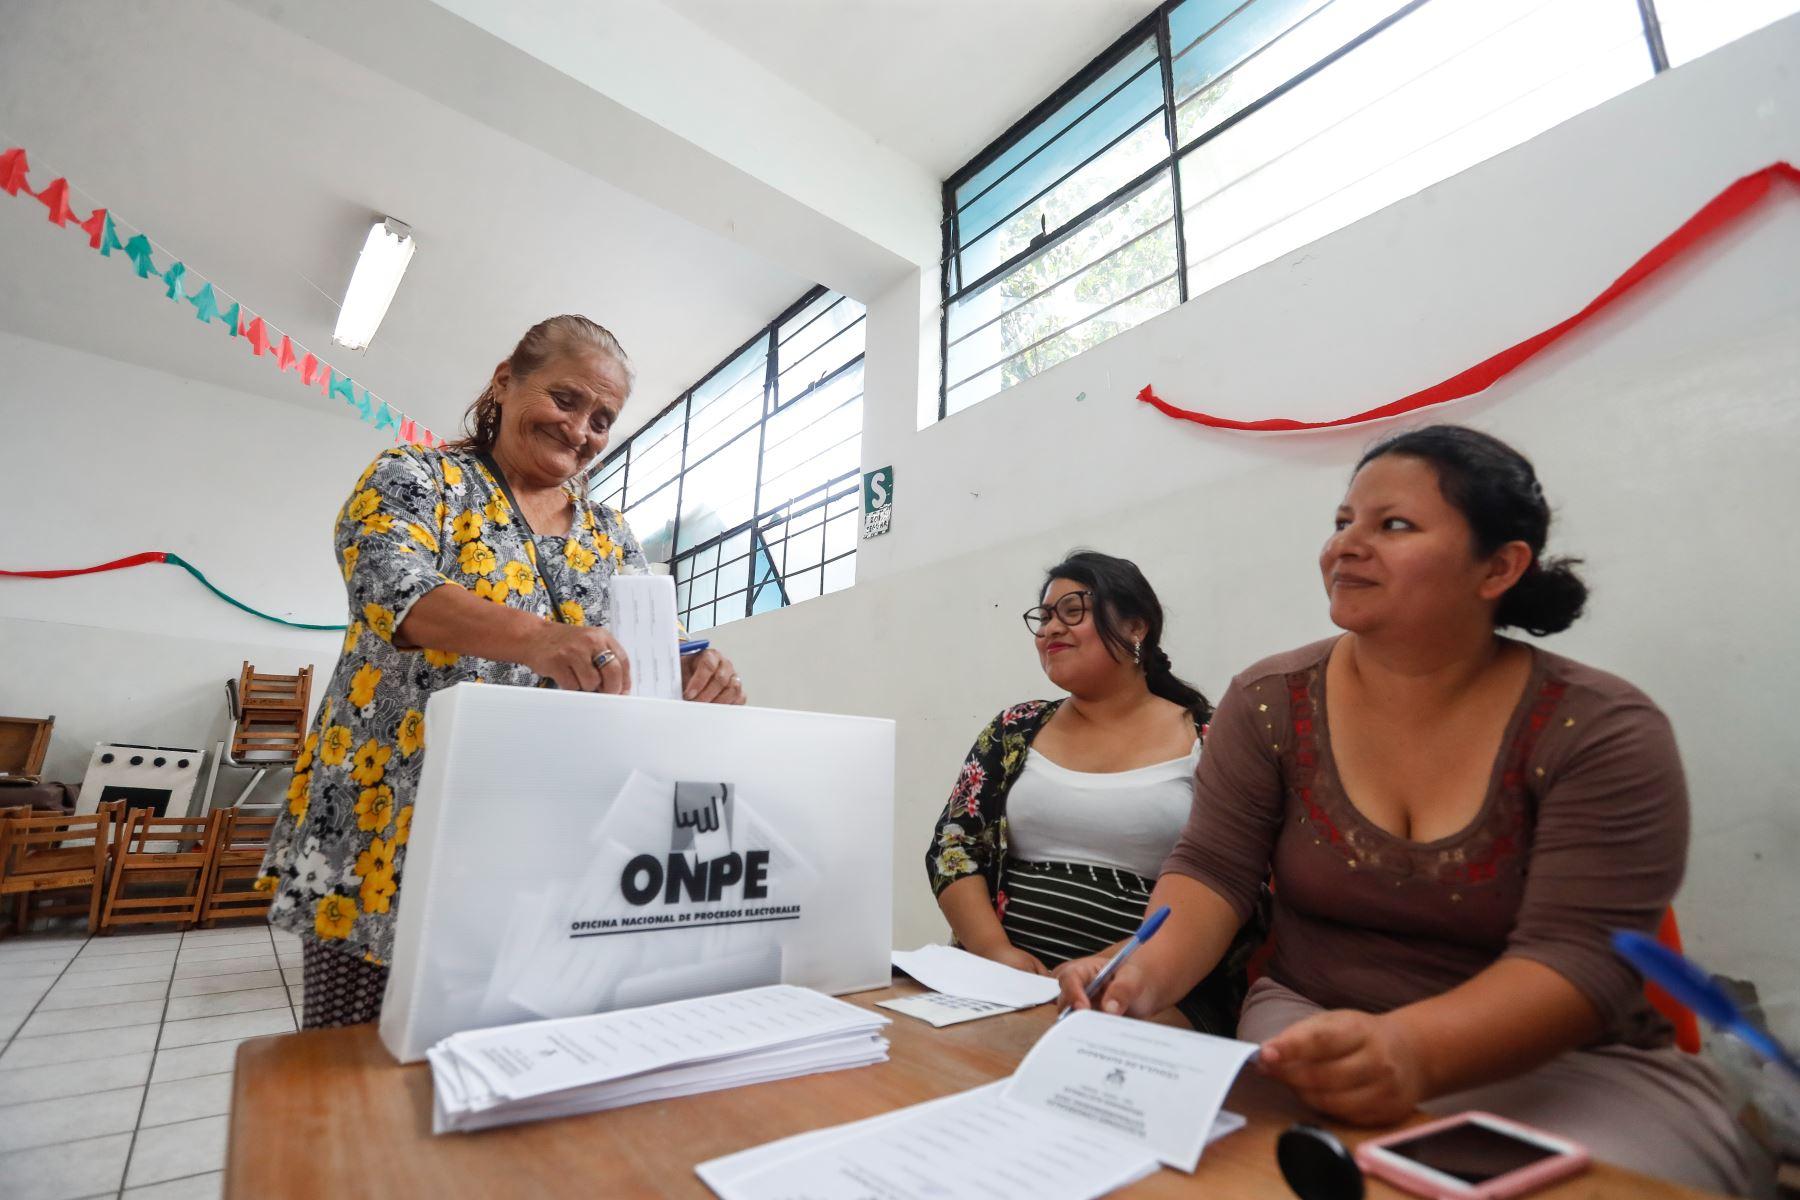 Elecciones 2021: conoce las reformas aprobadas hasta el momento | Noticias